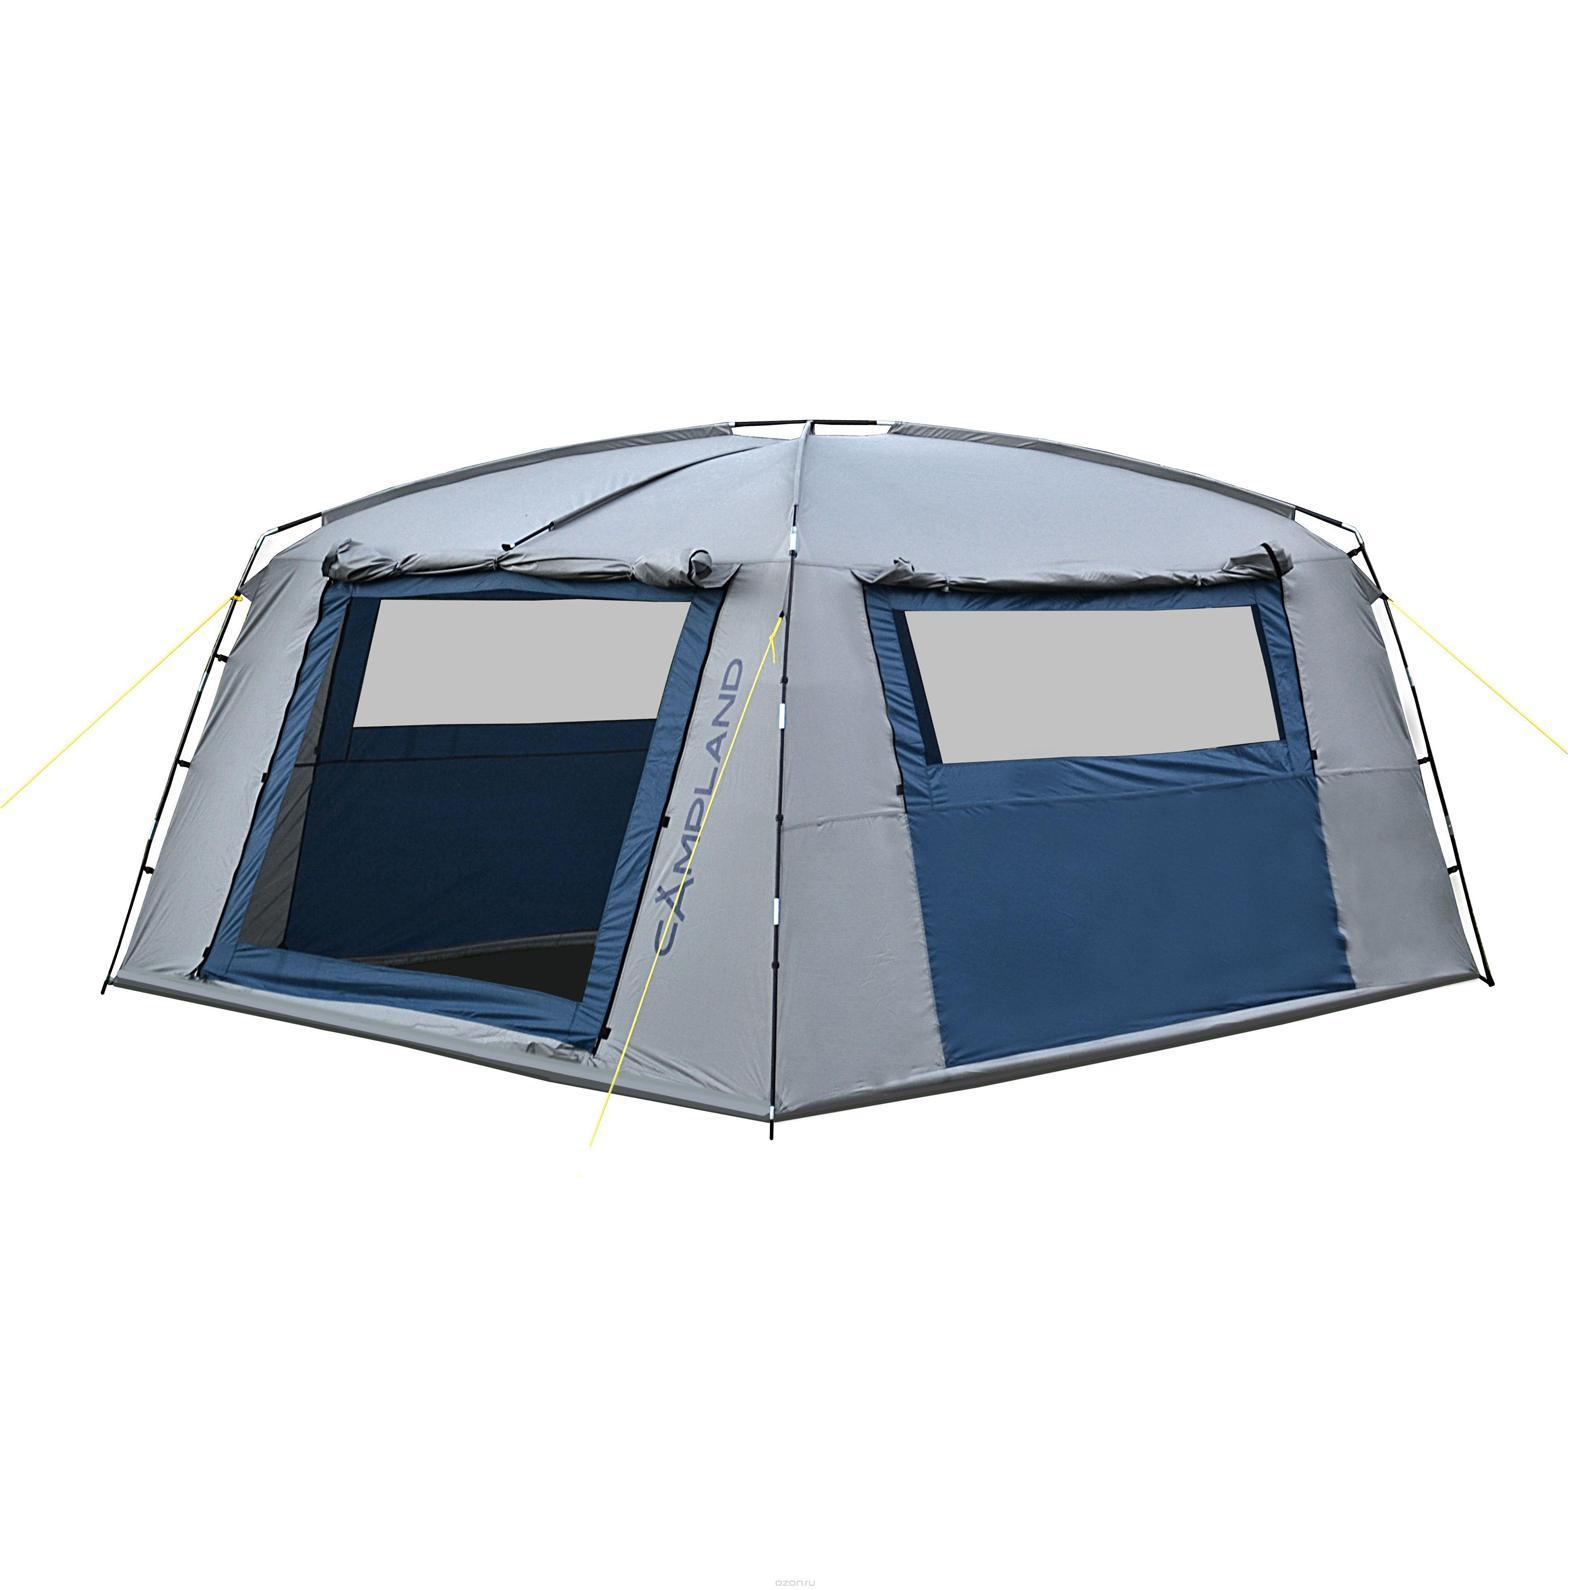 Тент шатер CAMPLAND FORT 335, цвет: серый, синийFORT 335Тент-шатер FORT 335 просторная модель для дружеских поездок на природу. Без такого приспособления не обойтись в случае, если погода меняется, собирается дождь или поднялся ветер, защитит тент и от яркого солнца. В широком и высоком тенте можно устроить кухню или столовую, сложить вещи и самим укрыться в случае необходимости. Тент-шатер вмещает большое количество человек, он очень прочный и устойчивый, выдерживает серьезные порывы ветра. Технологии: Вентиляционные окна (Х-вентиляция), чехол с утягивающими стропами, швы проклеены, оттяжки по углам тента, двухслойные двери. Обладает высокой ветроустойчивостью. С четырех сторон расположены штормовые оттяжки и стропы из полиэстра